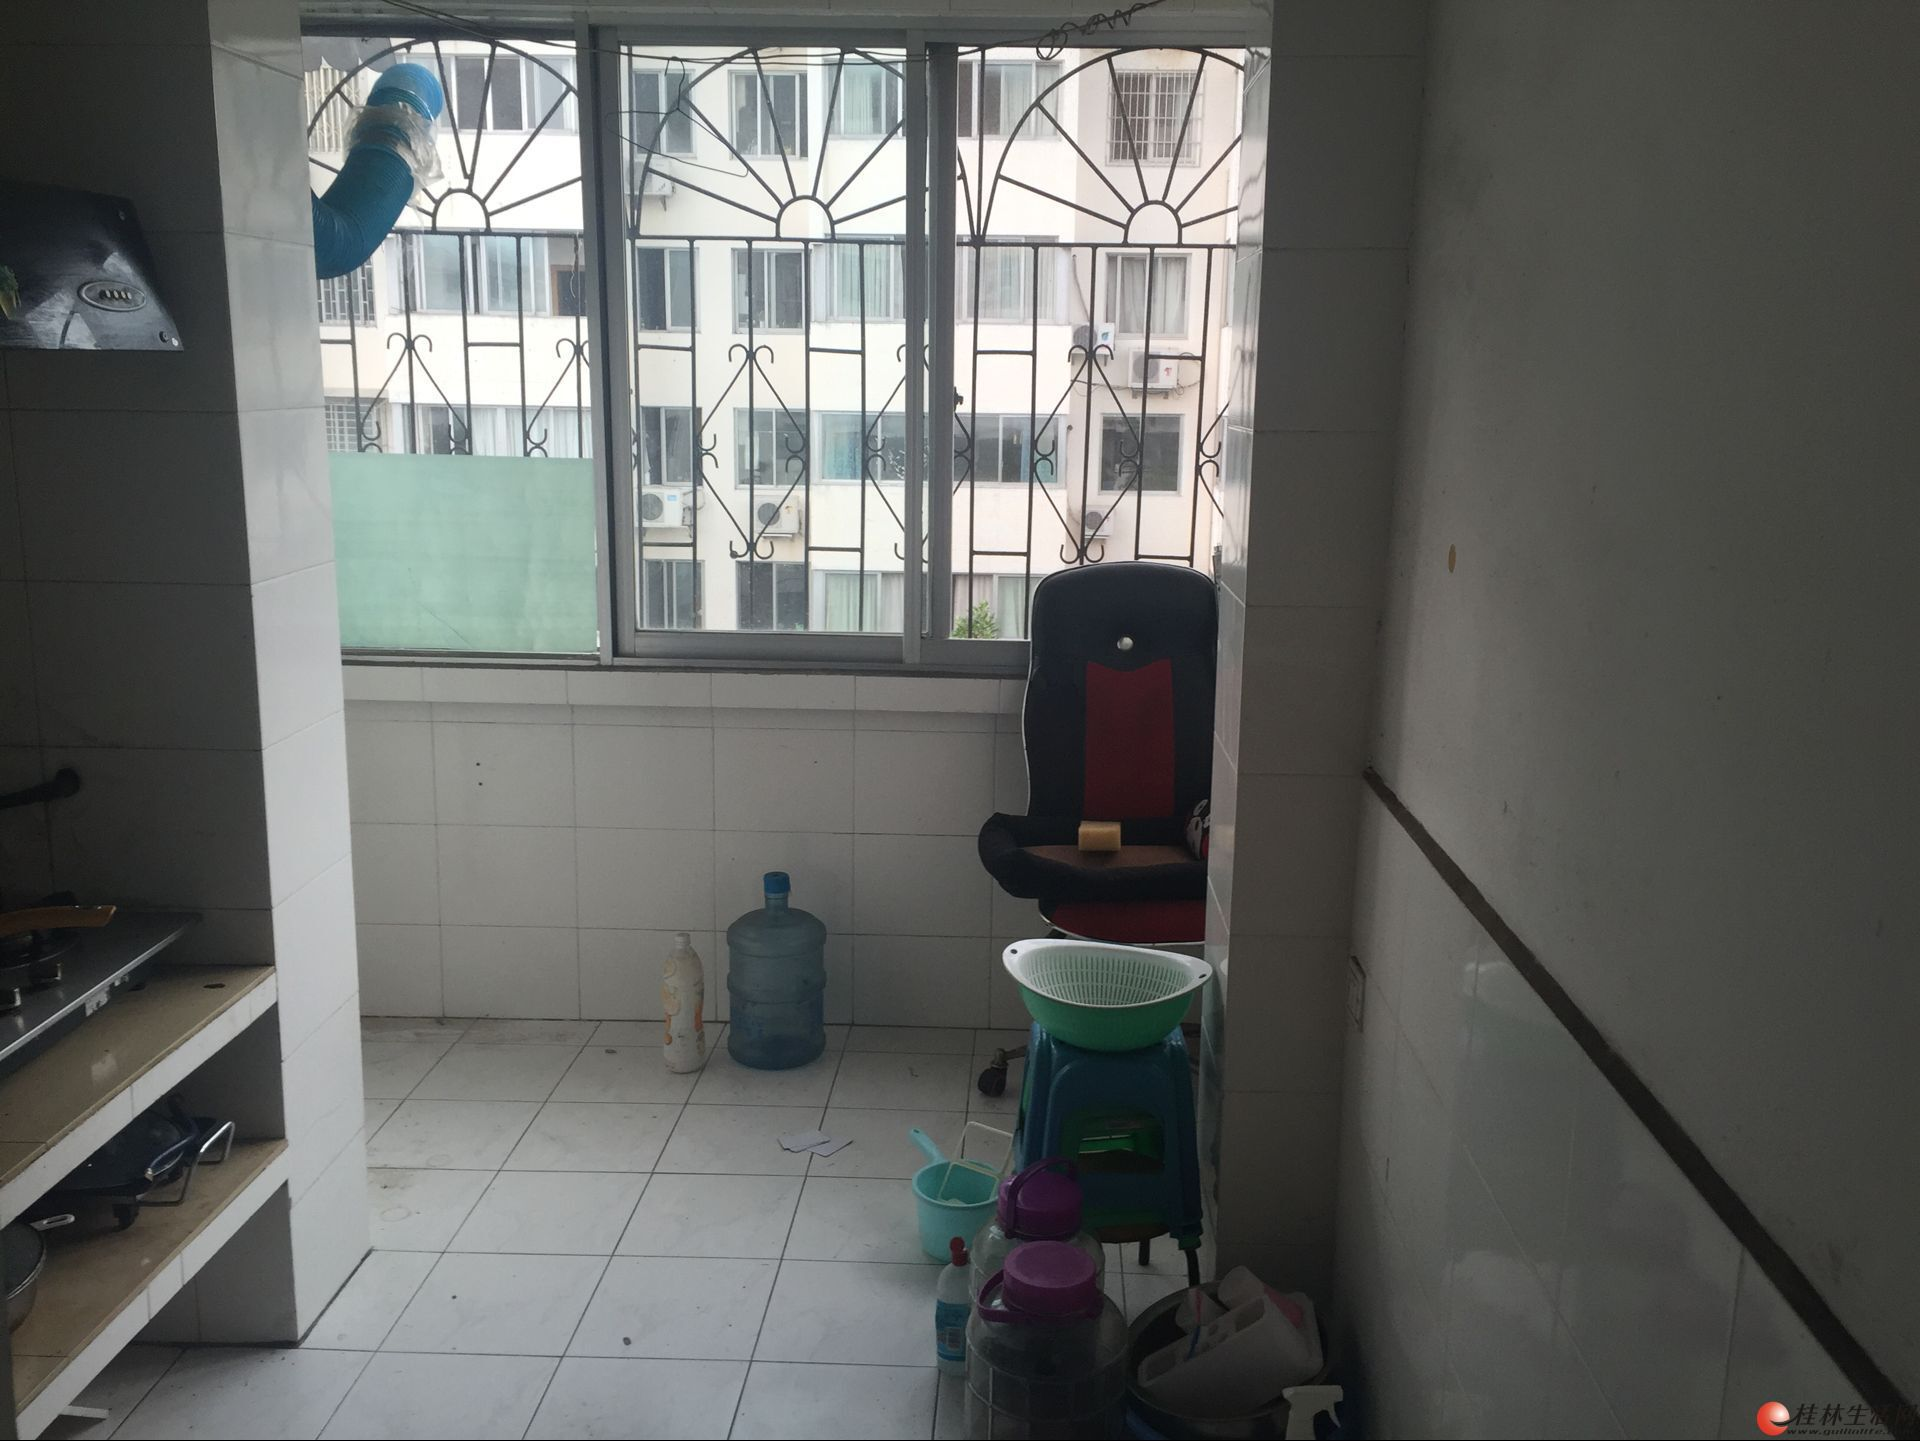 三多路棠梓巷 30平5楼 1房 拎包居住 租800元